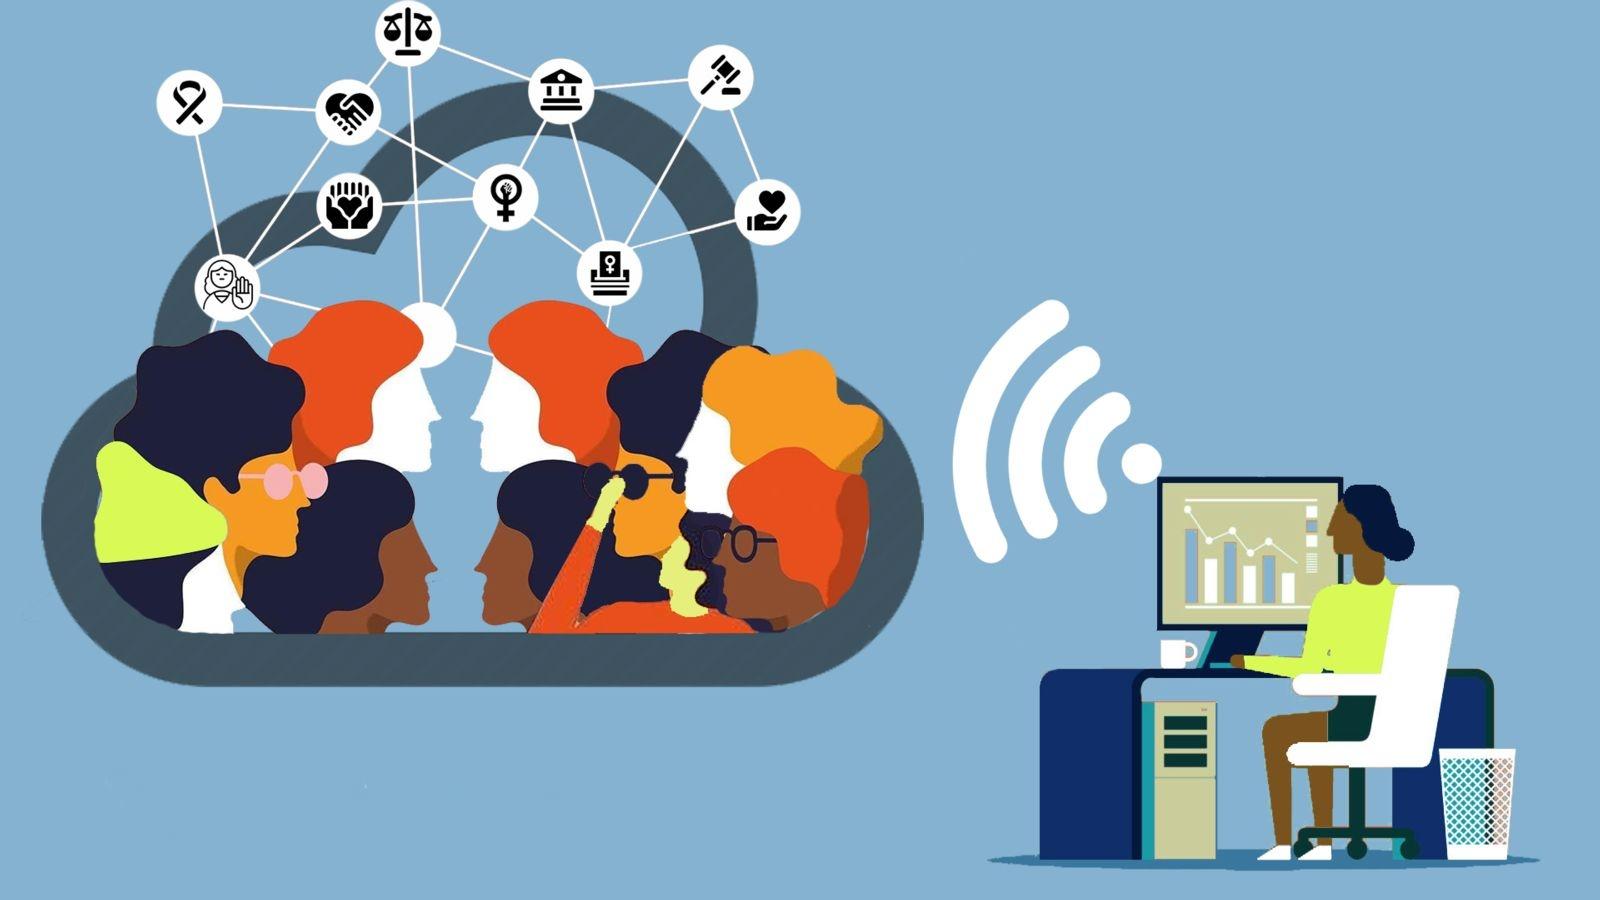 La comunicación en la era de Internet Por Luis Britto García | Diario Últimas Noticias, Venezuela